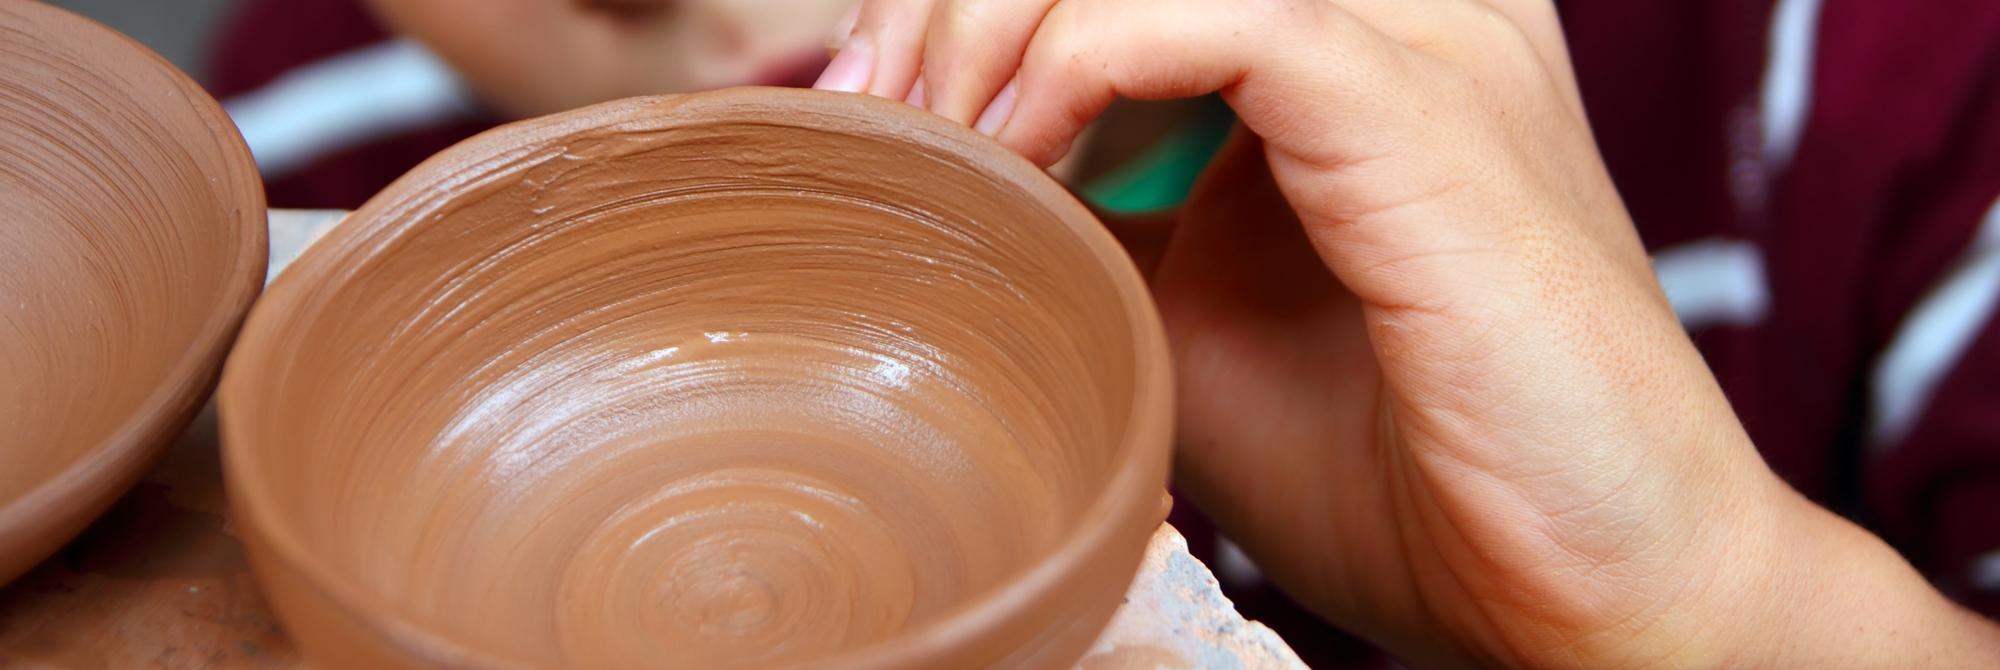 Lavorazione creativa dell'argilla